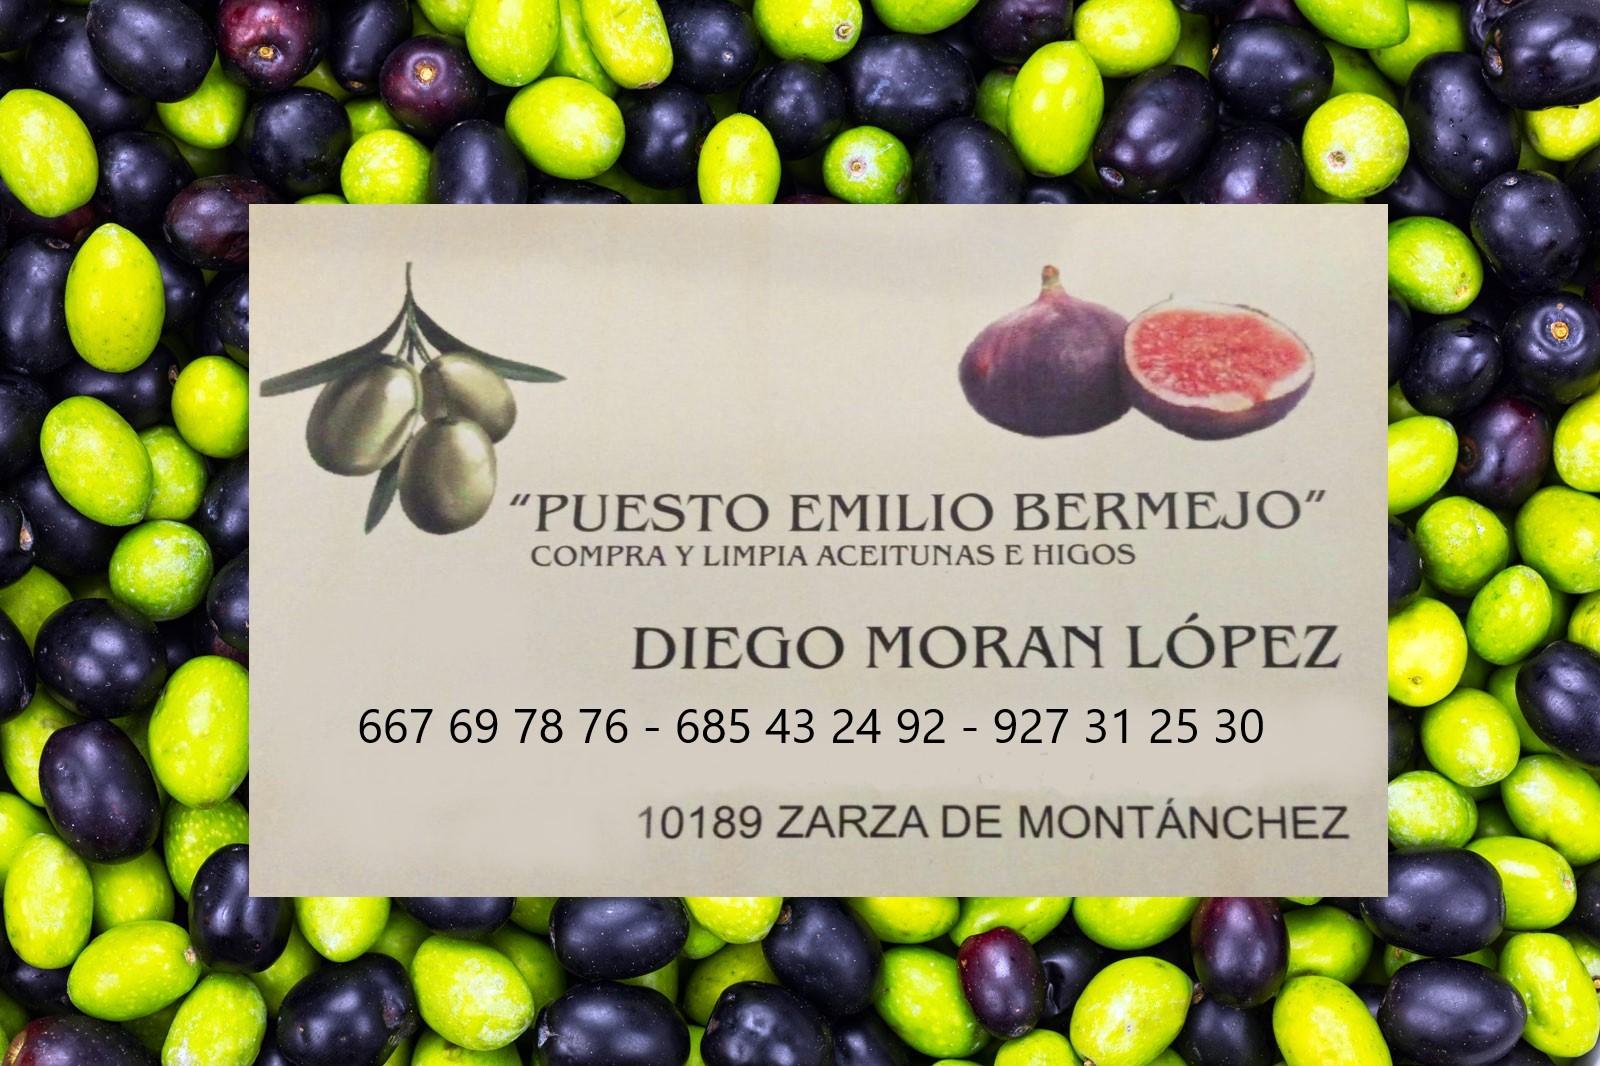 Compra de Higos aceitunas Cáceres Puesto Emilio Bermejo Zarza de Montanchez